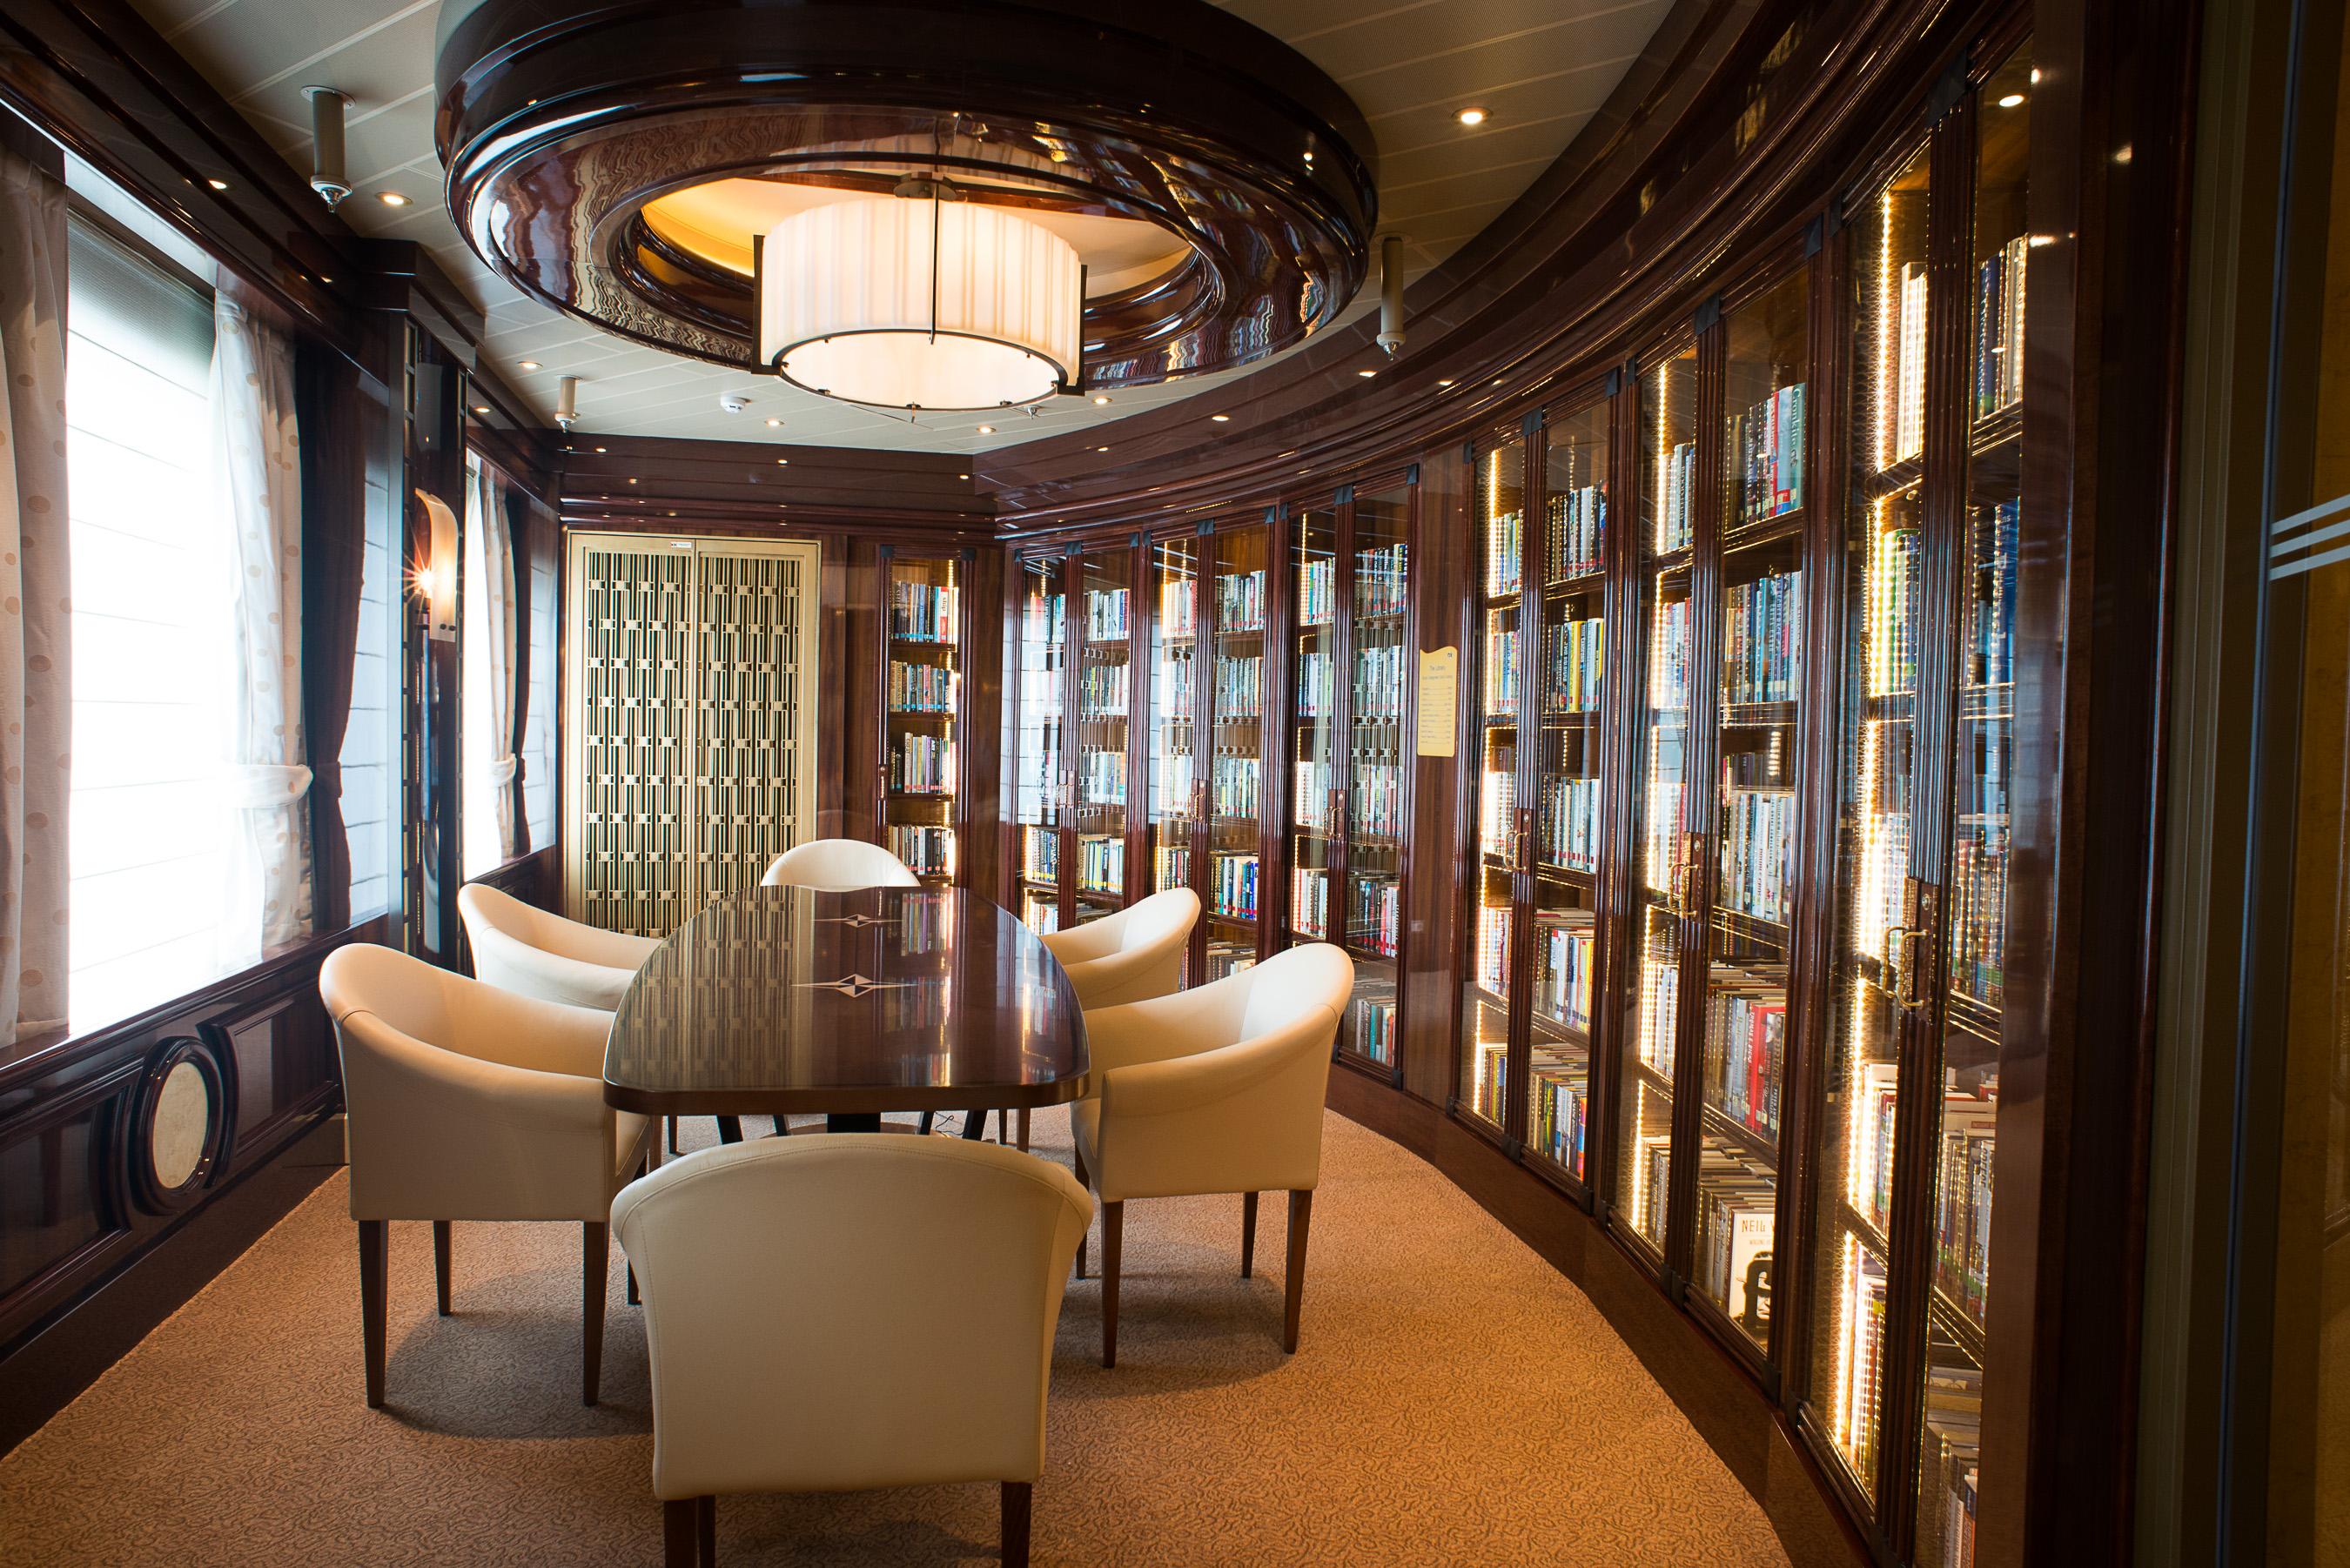 Princess Cruises Royal Class Interior library.jpg